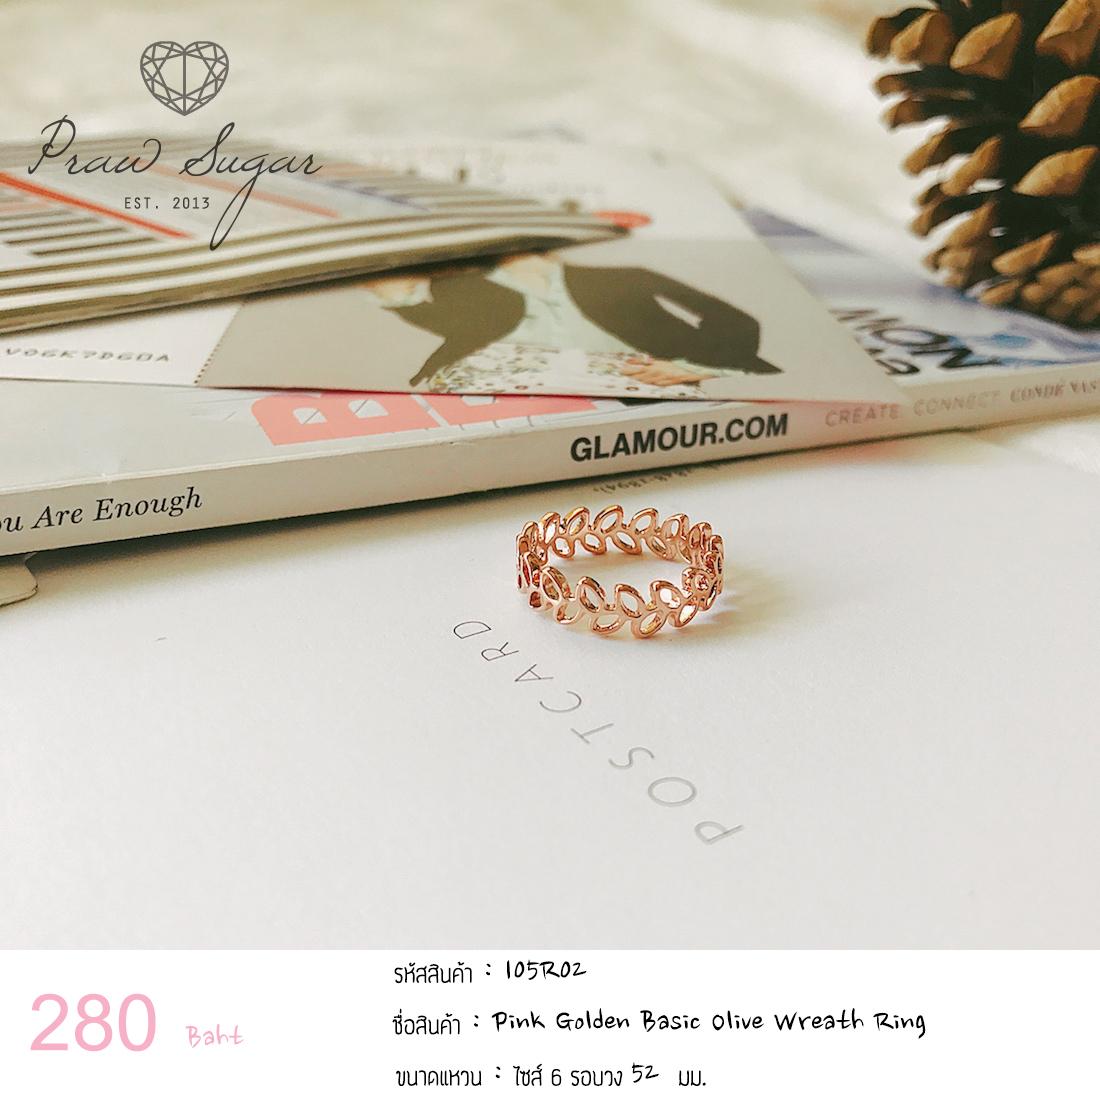 Pink Golden Basic Olive Wreath Ring